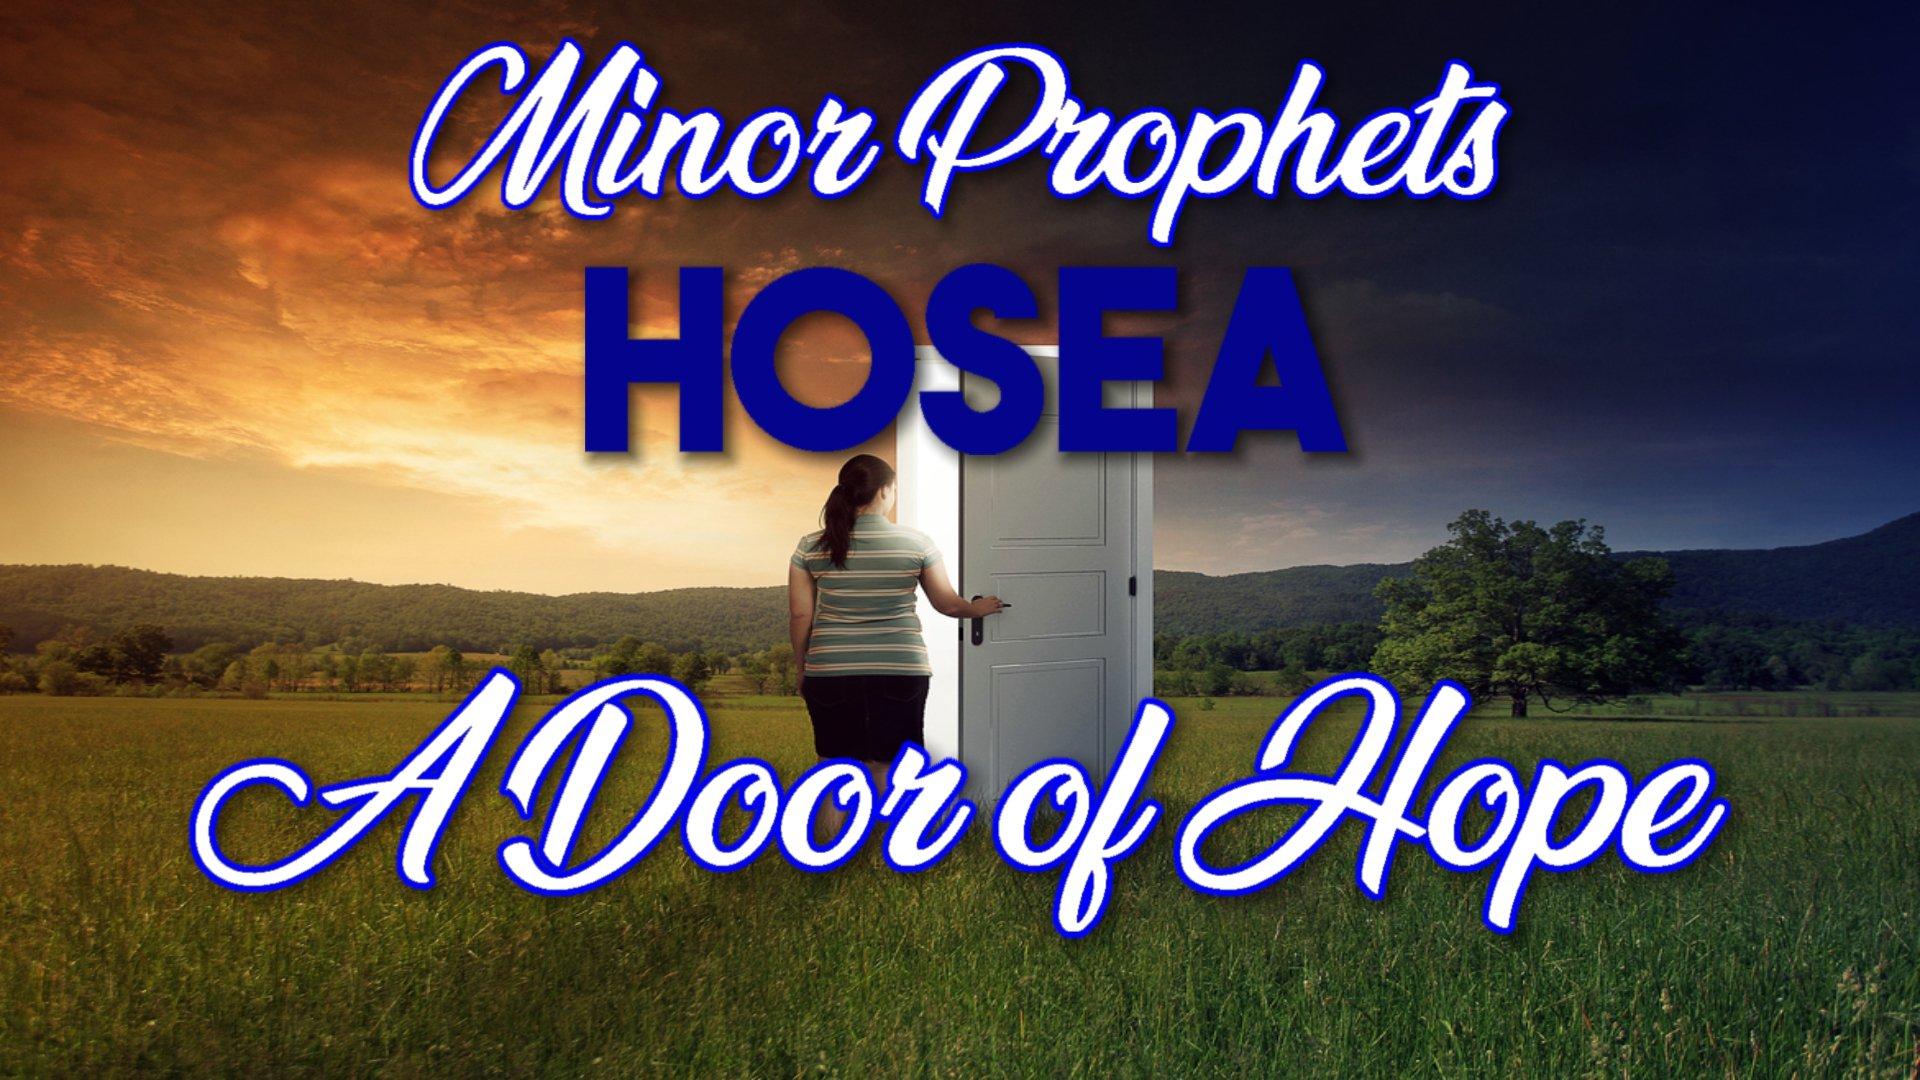 03 A Door of Hope